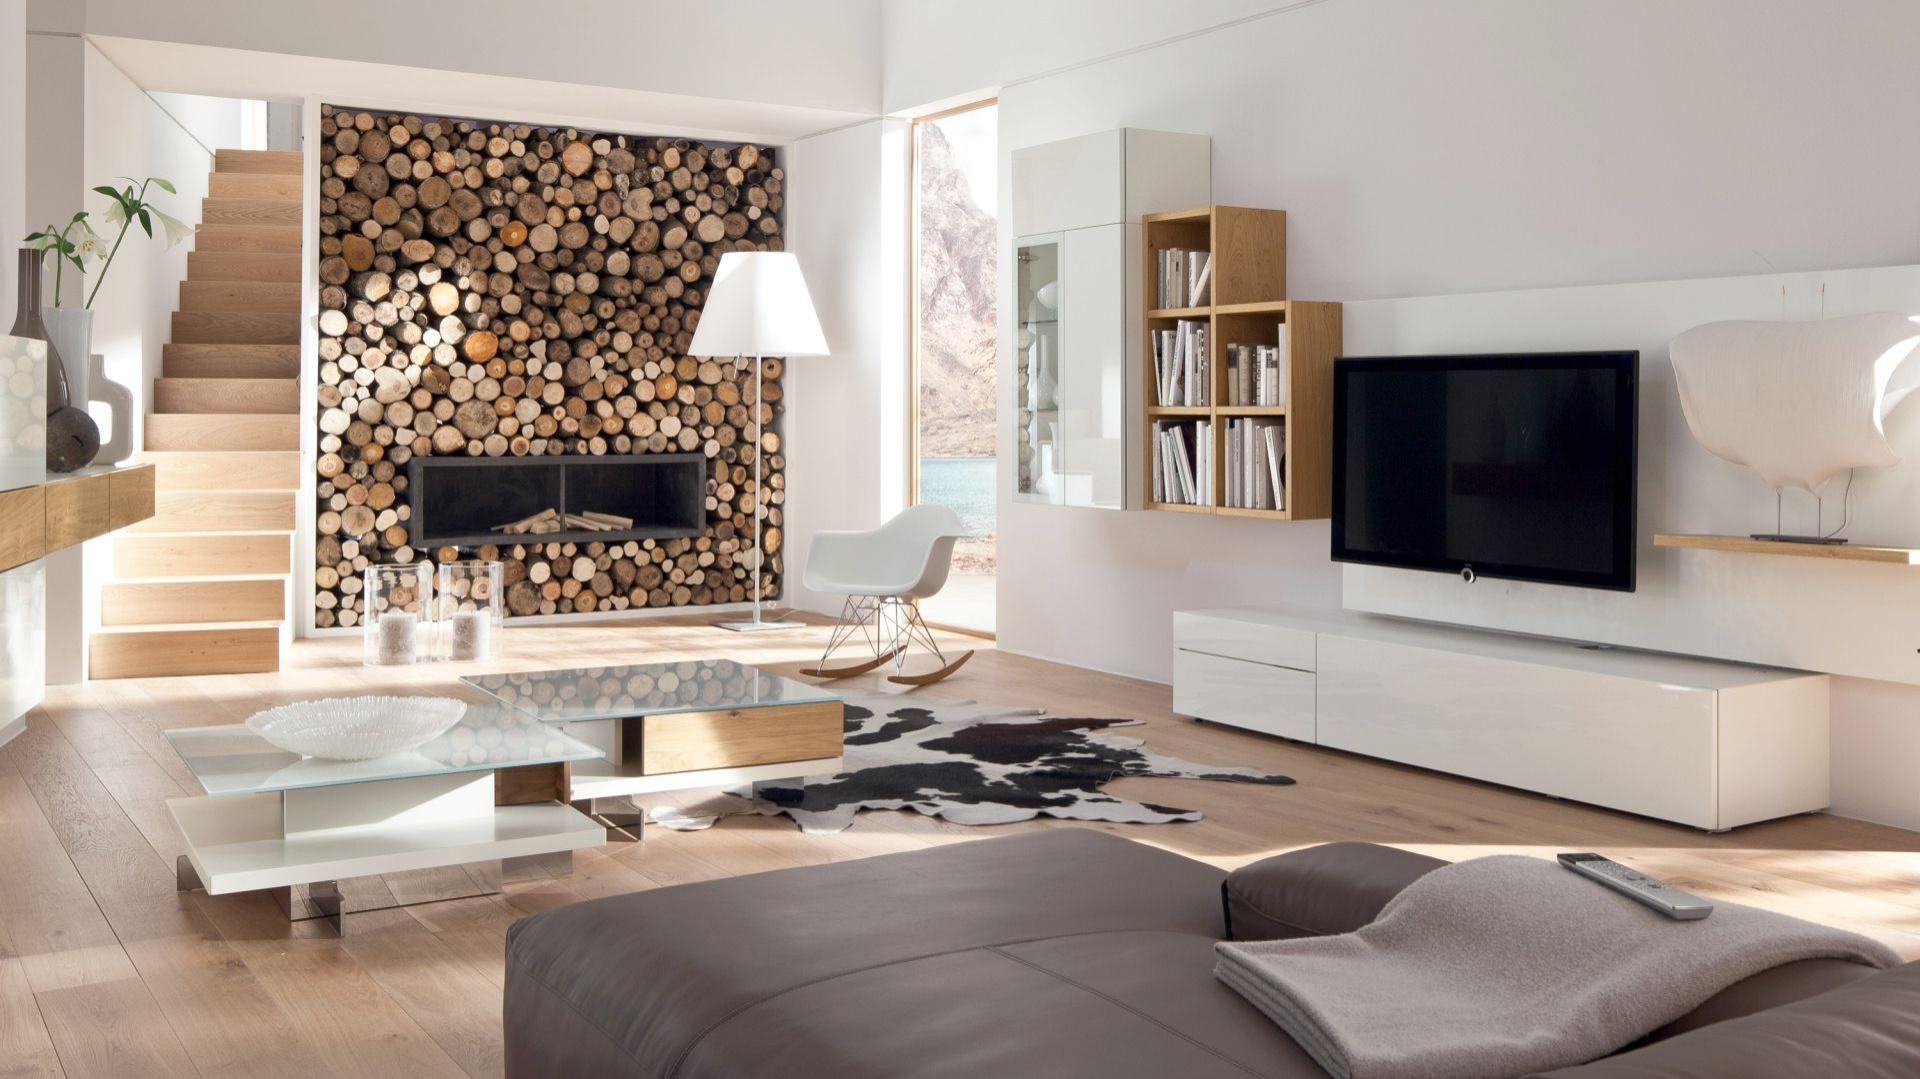 Elementy zestawu Neo marki Hulsta można zawiesić na ścianie lub ustawić w dowolnej konfiguracji. Moduły są dostępne w wielu rozmiarach i wykończeniach, jednak największym powodzeniem cieszą się białe, lakierowane na wysoki połysk fronty ocieplone dębowym drewnem. Fot. Hulsta.